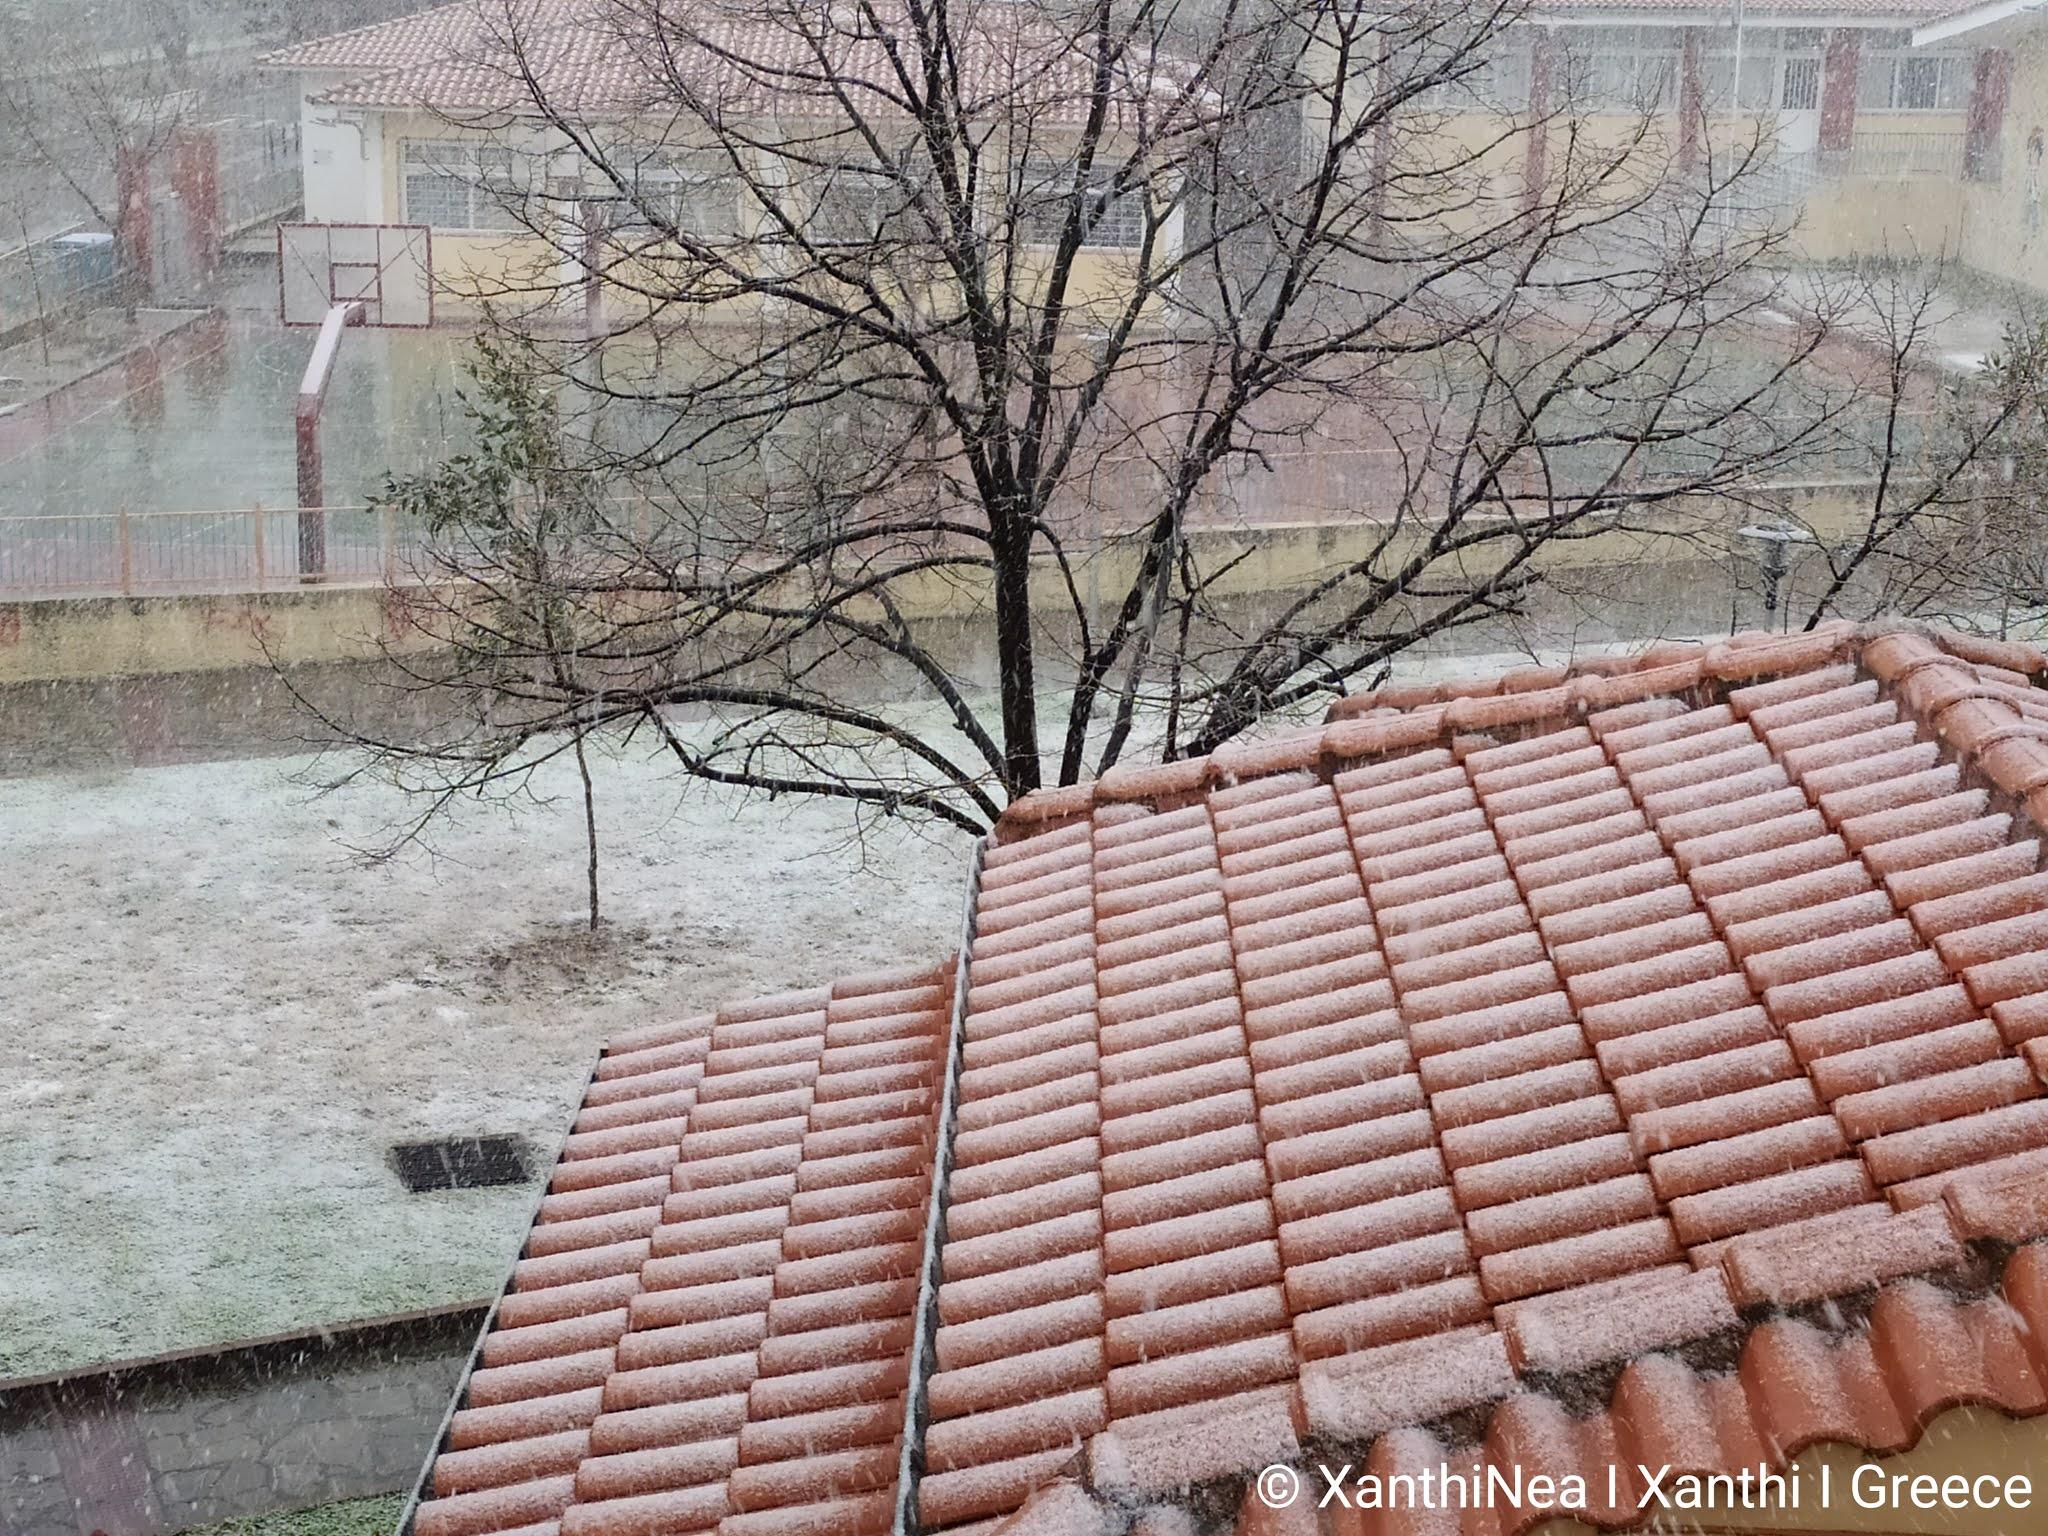 Ισχυρή χιονόπτωση στην Ξάνθη και αλλαγή του καιρού [ΒΙΝΤΕΟ]